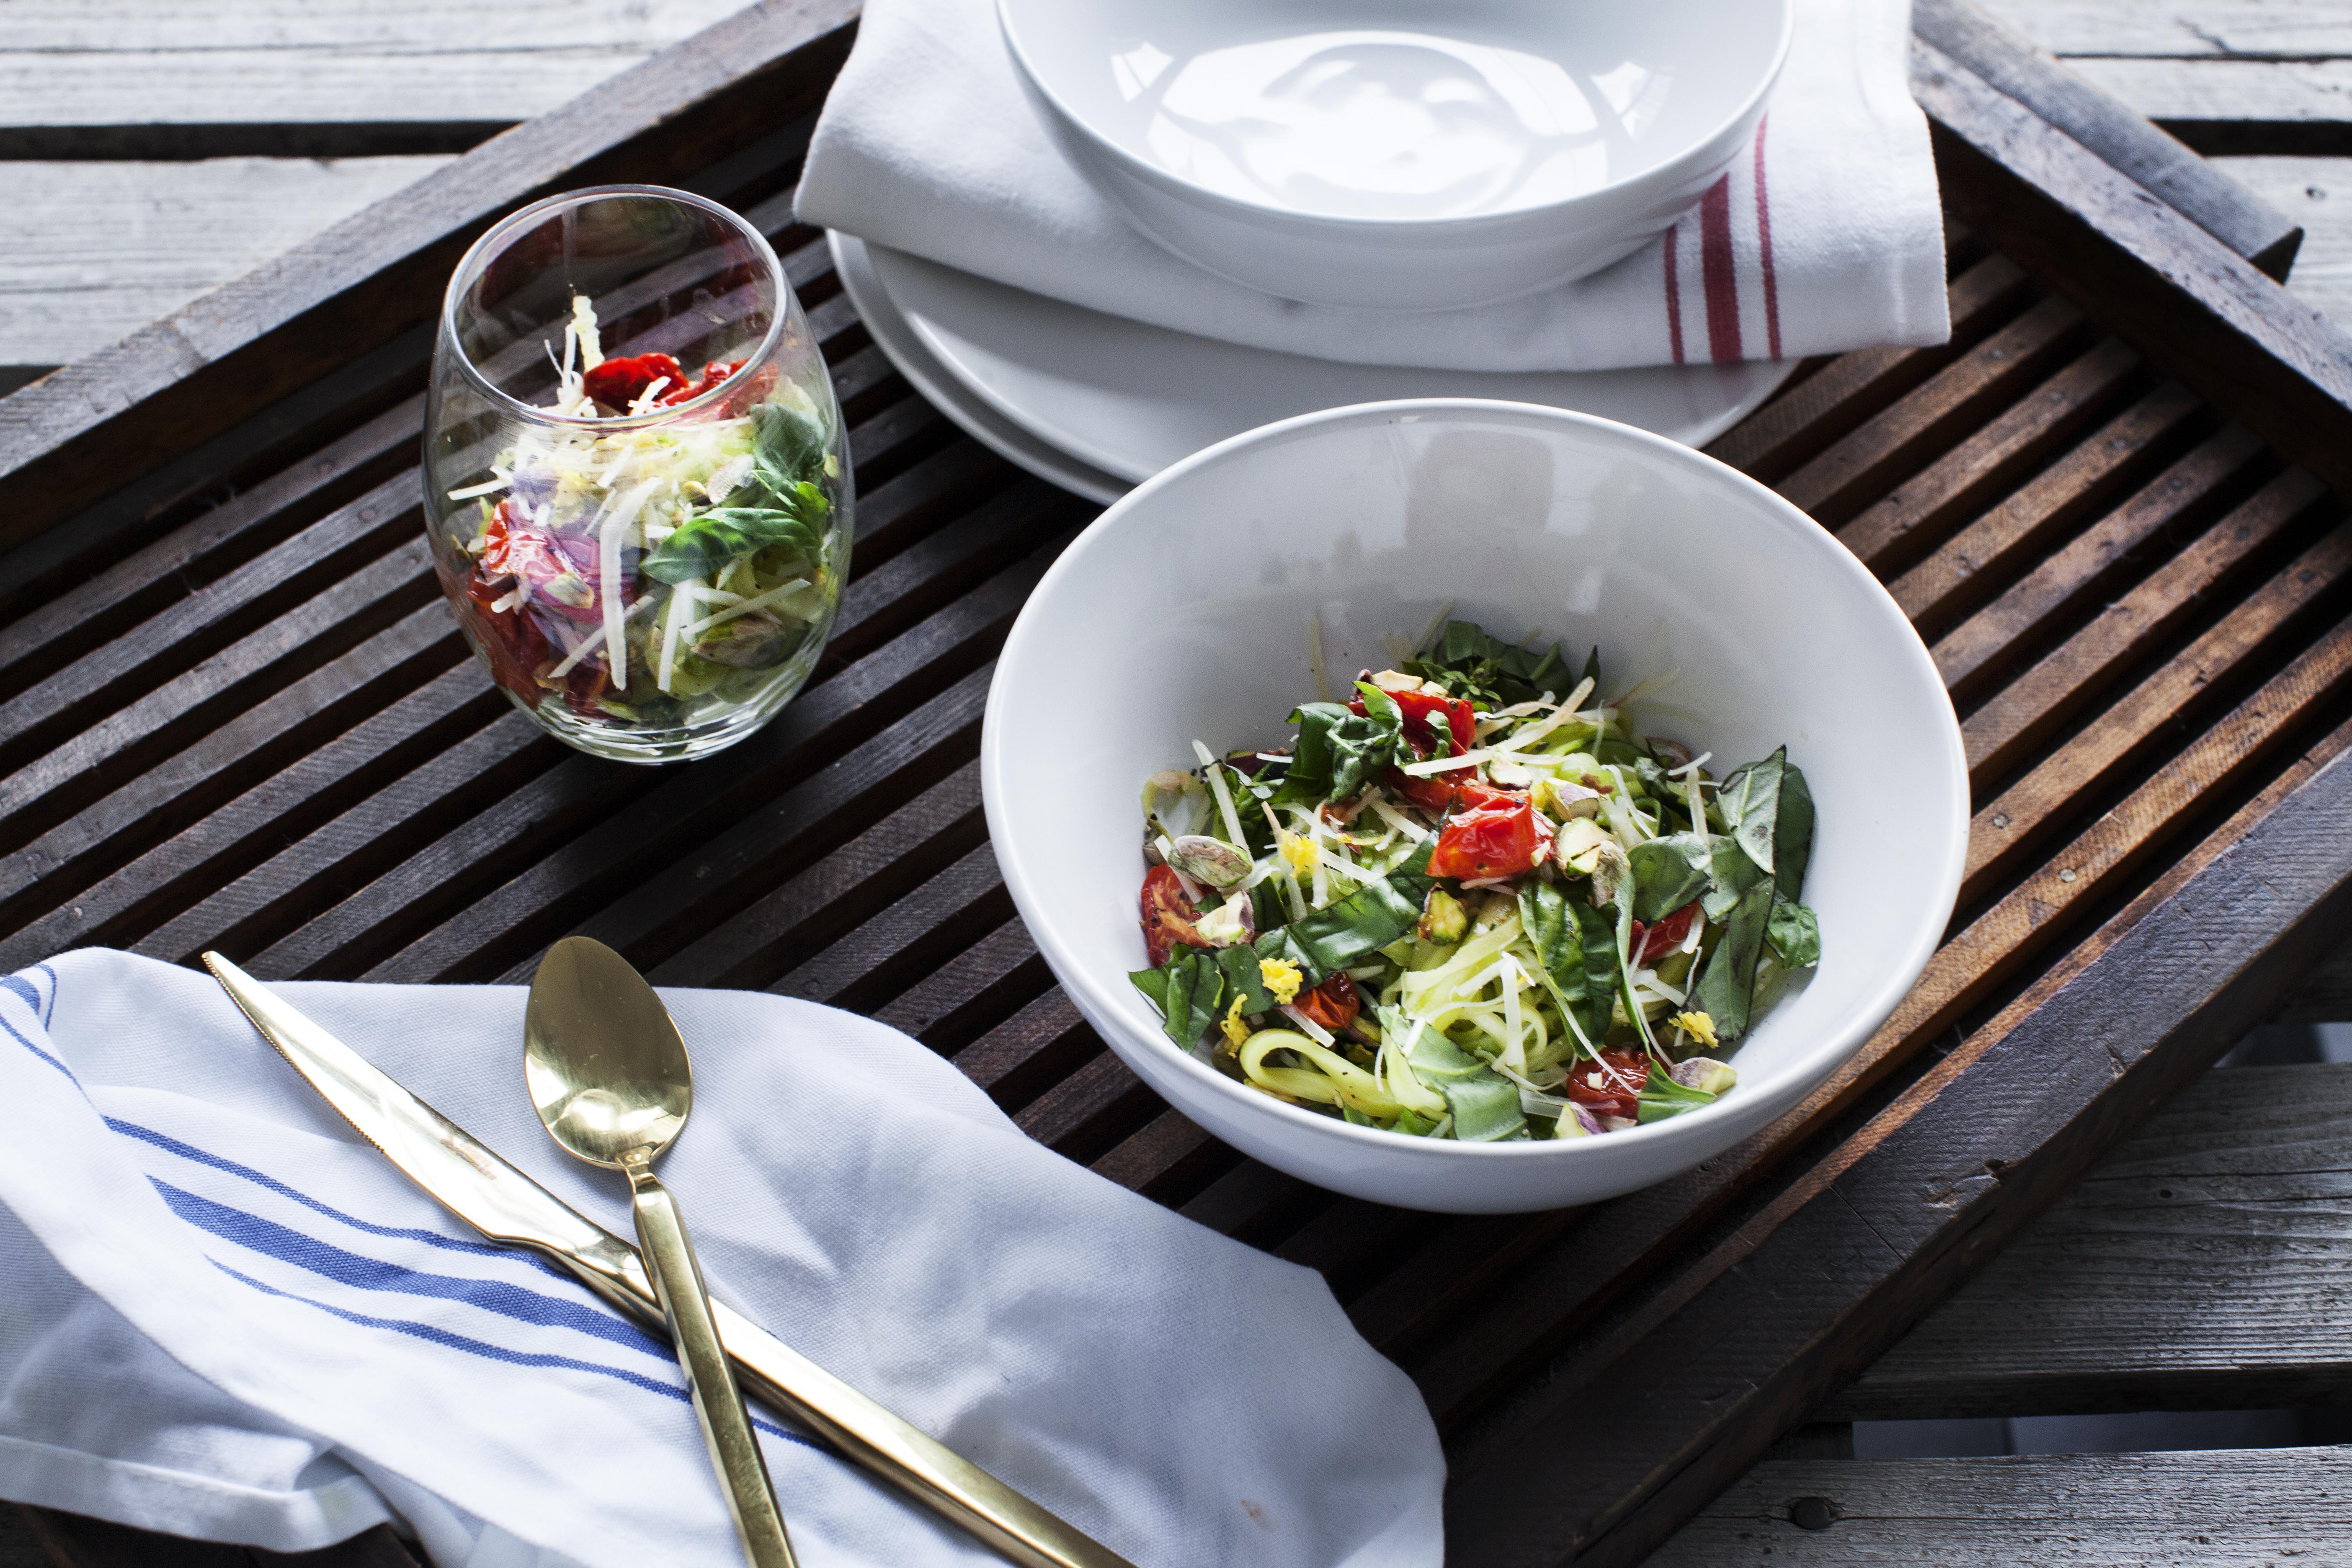 Recipe: Zucchini Spaghetti with Pistachios